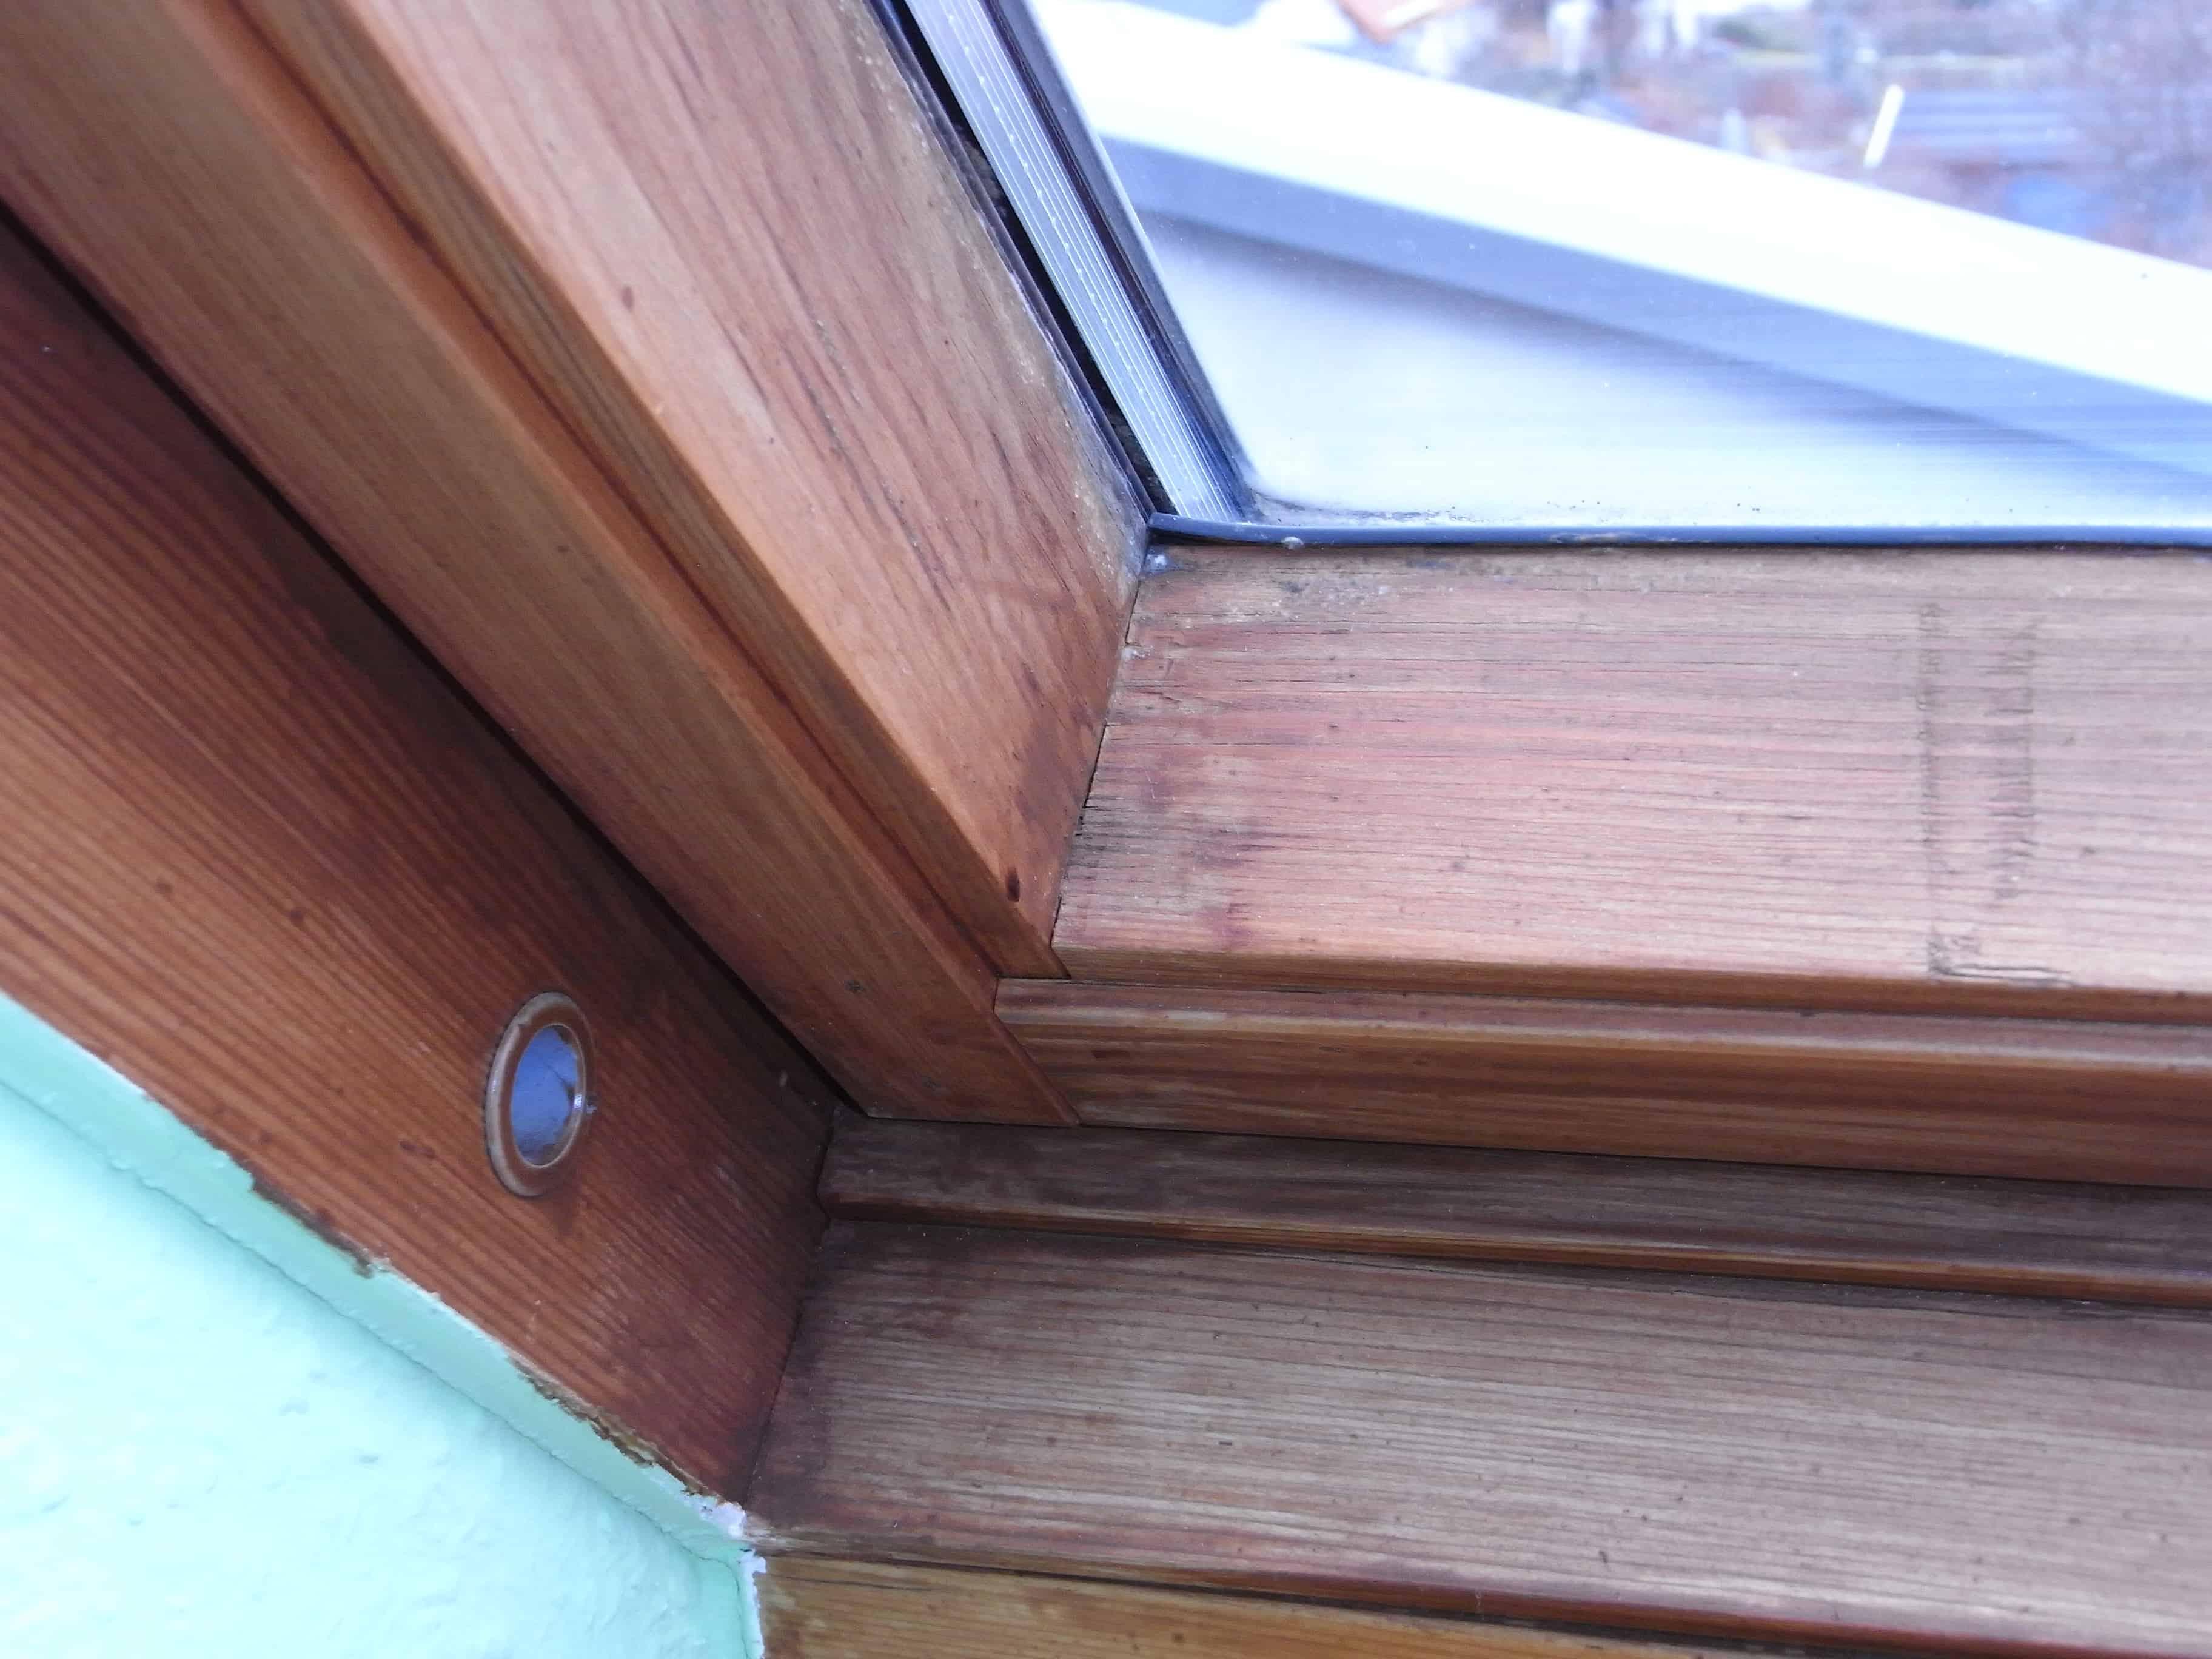 Wand/ Fensterrahmen der schrägen Dachfenster Anschlüsse mangelhaft, nicht gedämmt, Tauwasser